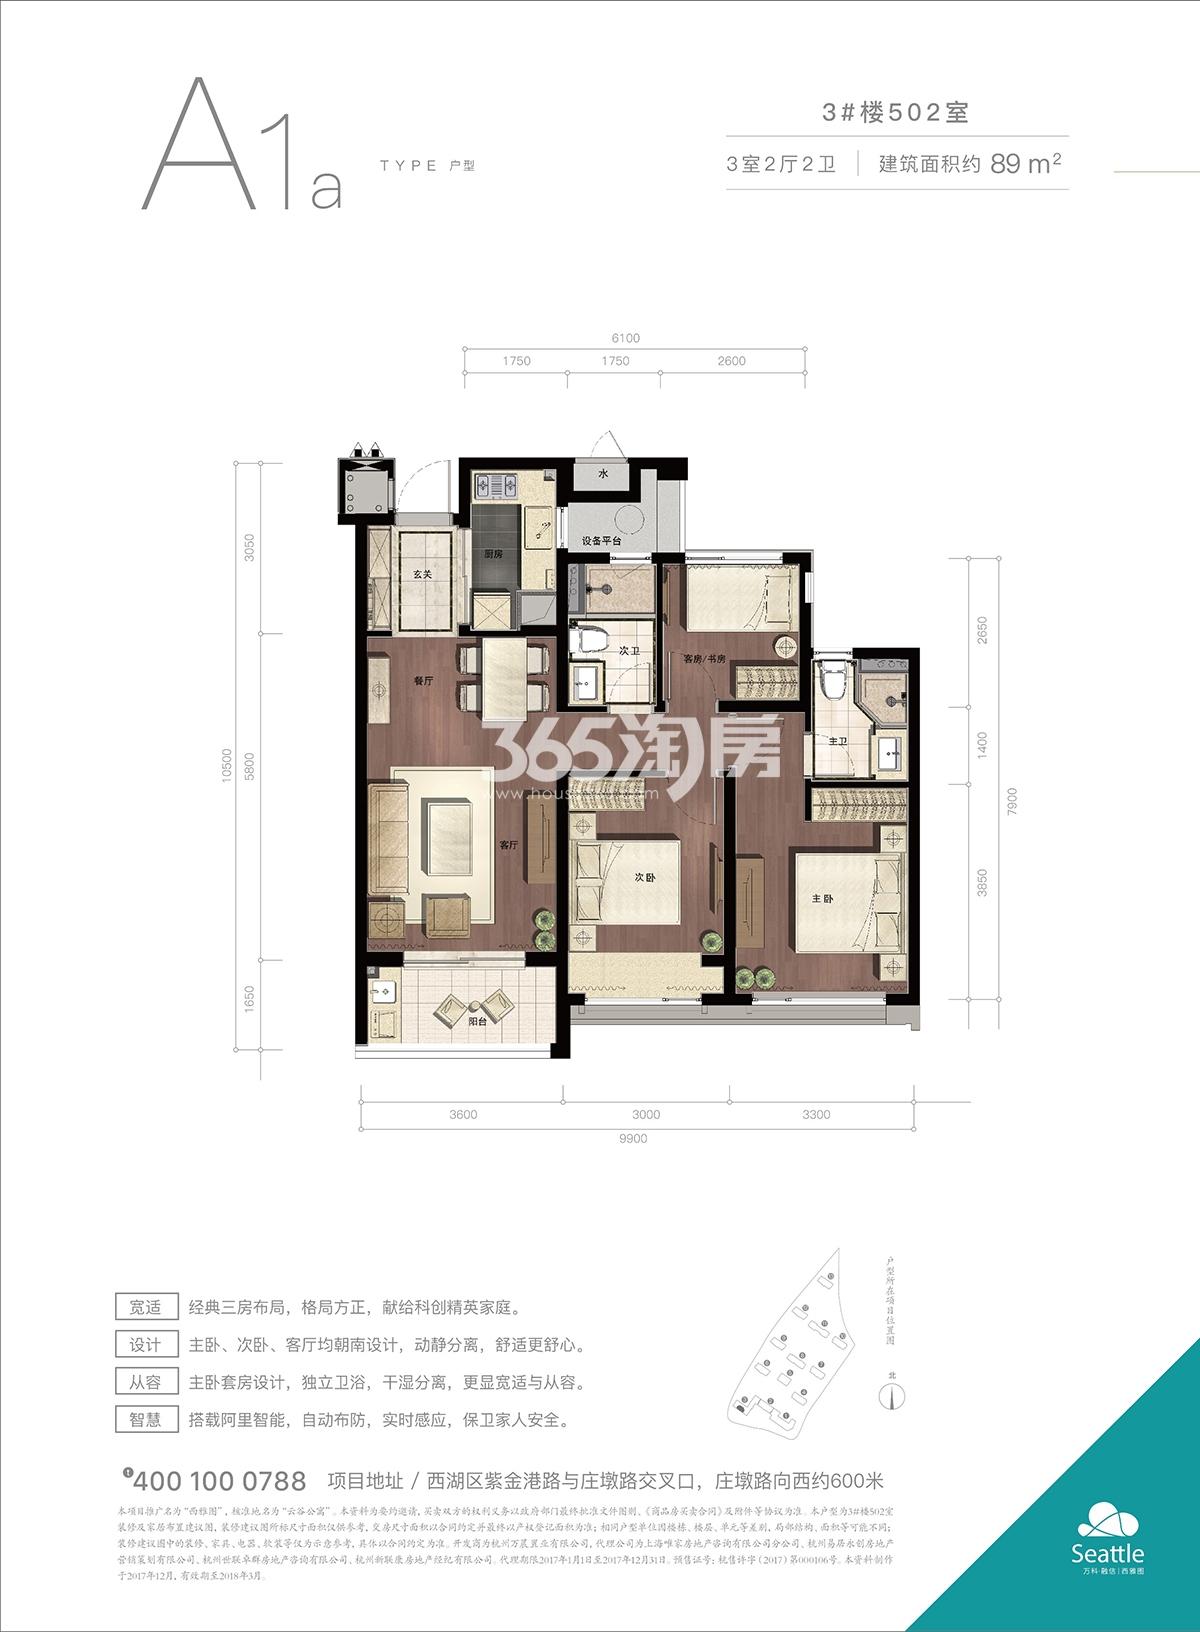 万科融信西雅图3、6、9号楼A1a户型(89方中间套)